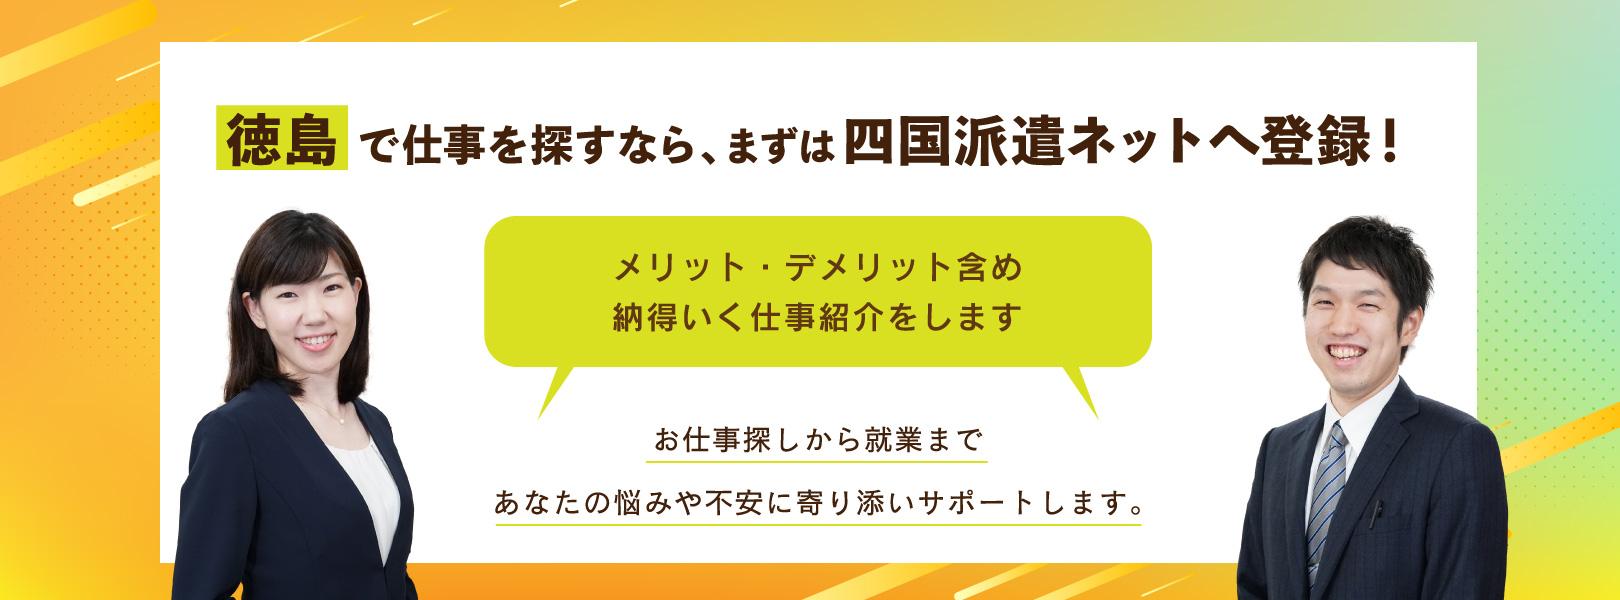 徳島で仕事を探すなら、まずは四国派遣ネットに登録!